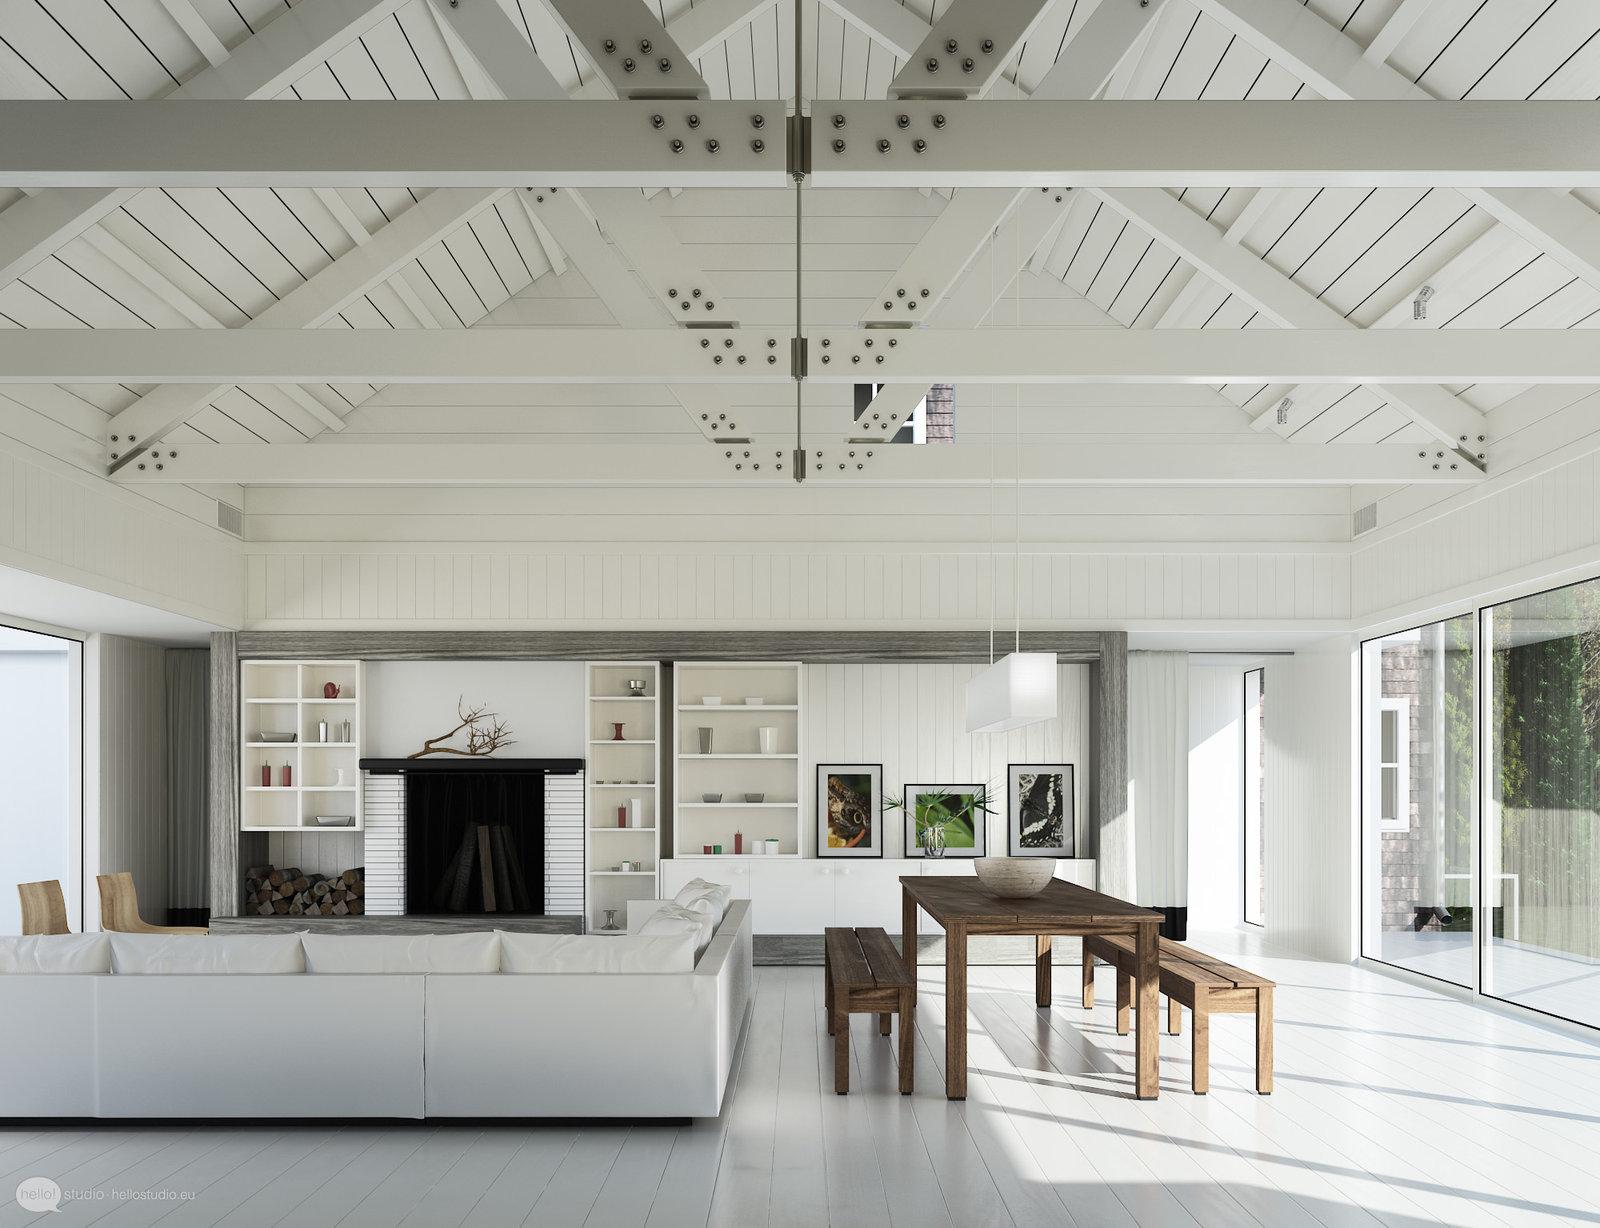 apartamento o casa en color blanco y madera